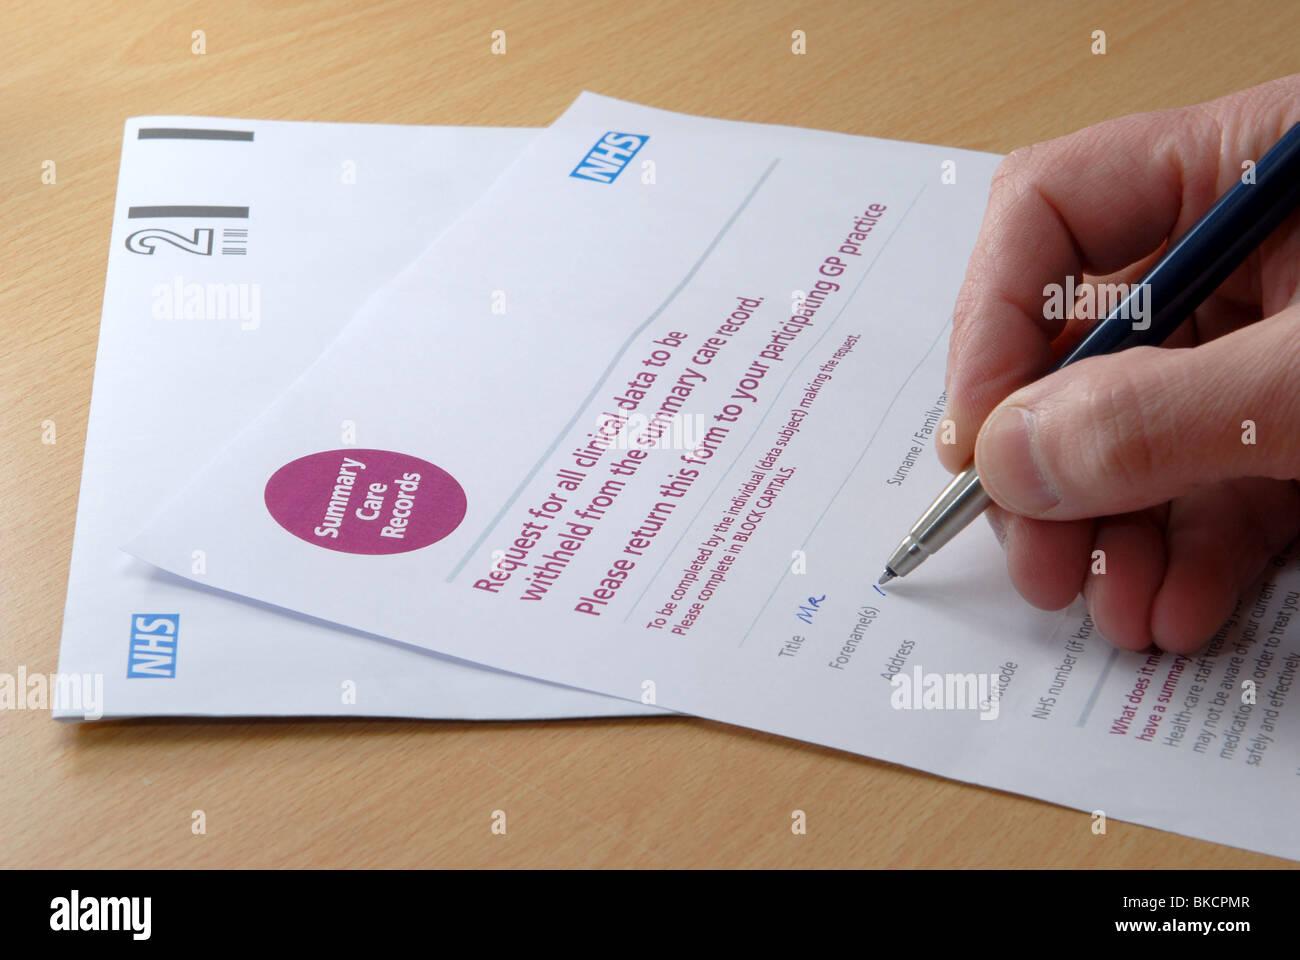 Completar el formulario para solicitar todos los datos clínicos sean retenidos desde los gobiernos resumen Imagen De Stock